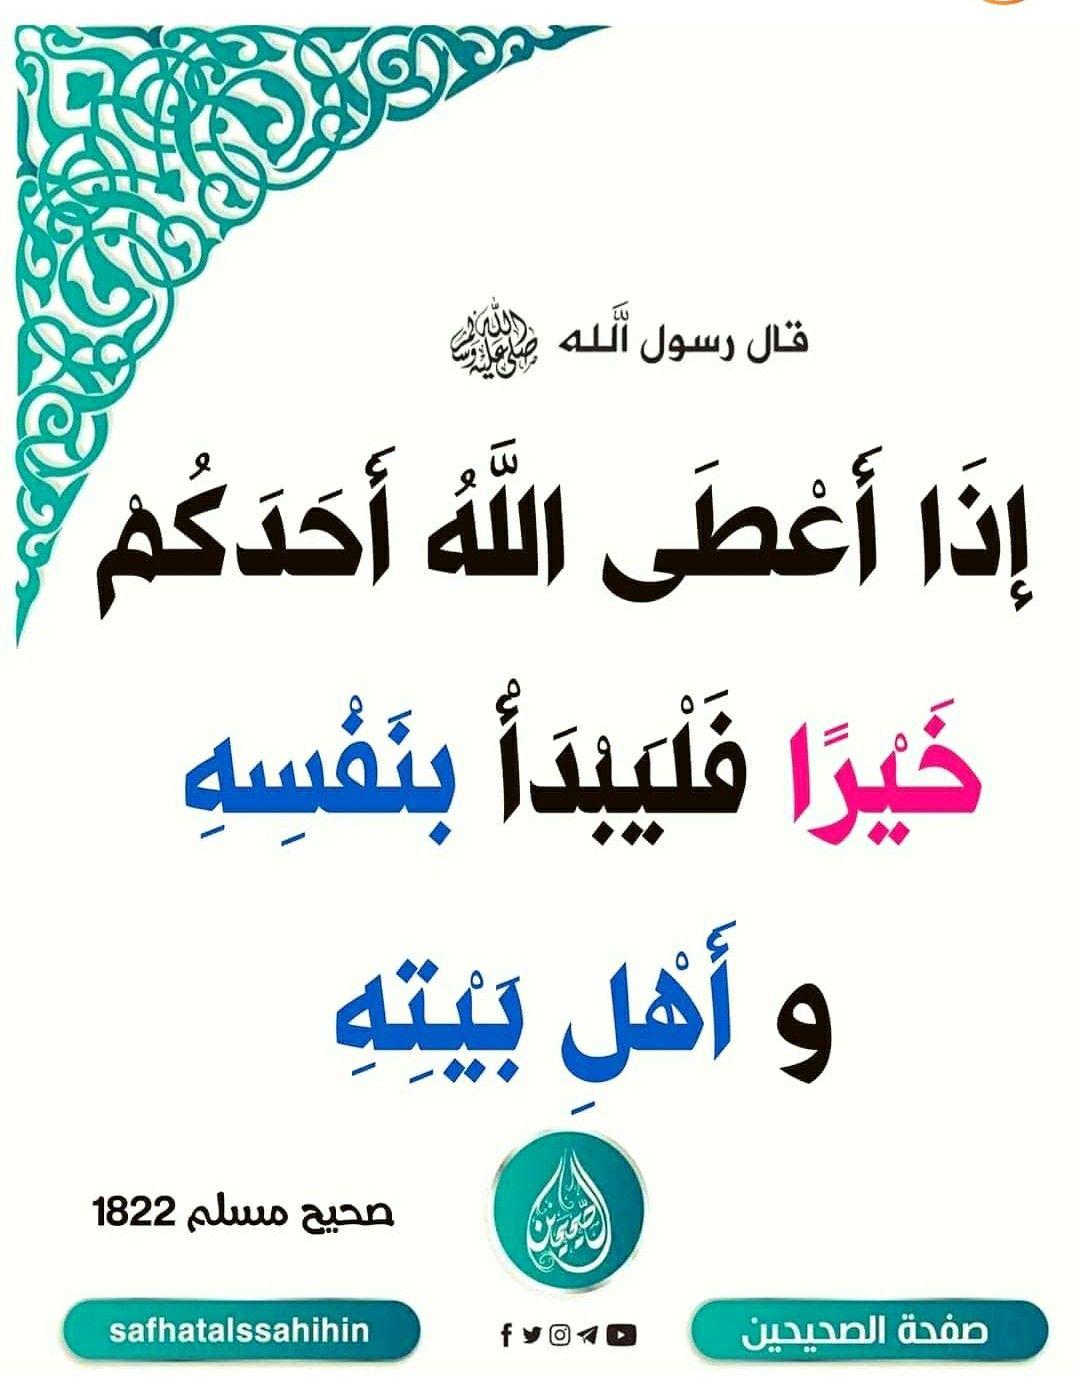 أحاديث الرسول صلى الله عليه وسلم Islamic Wallpaper Duaa Islam Islam